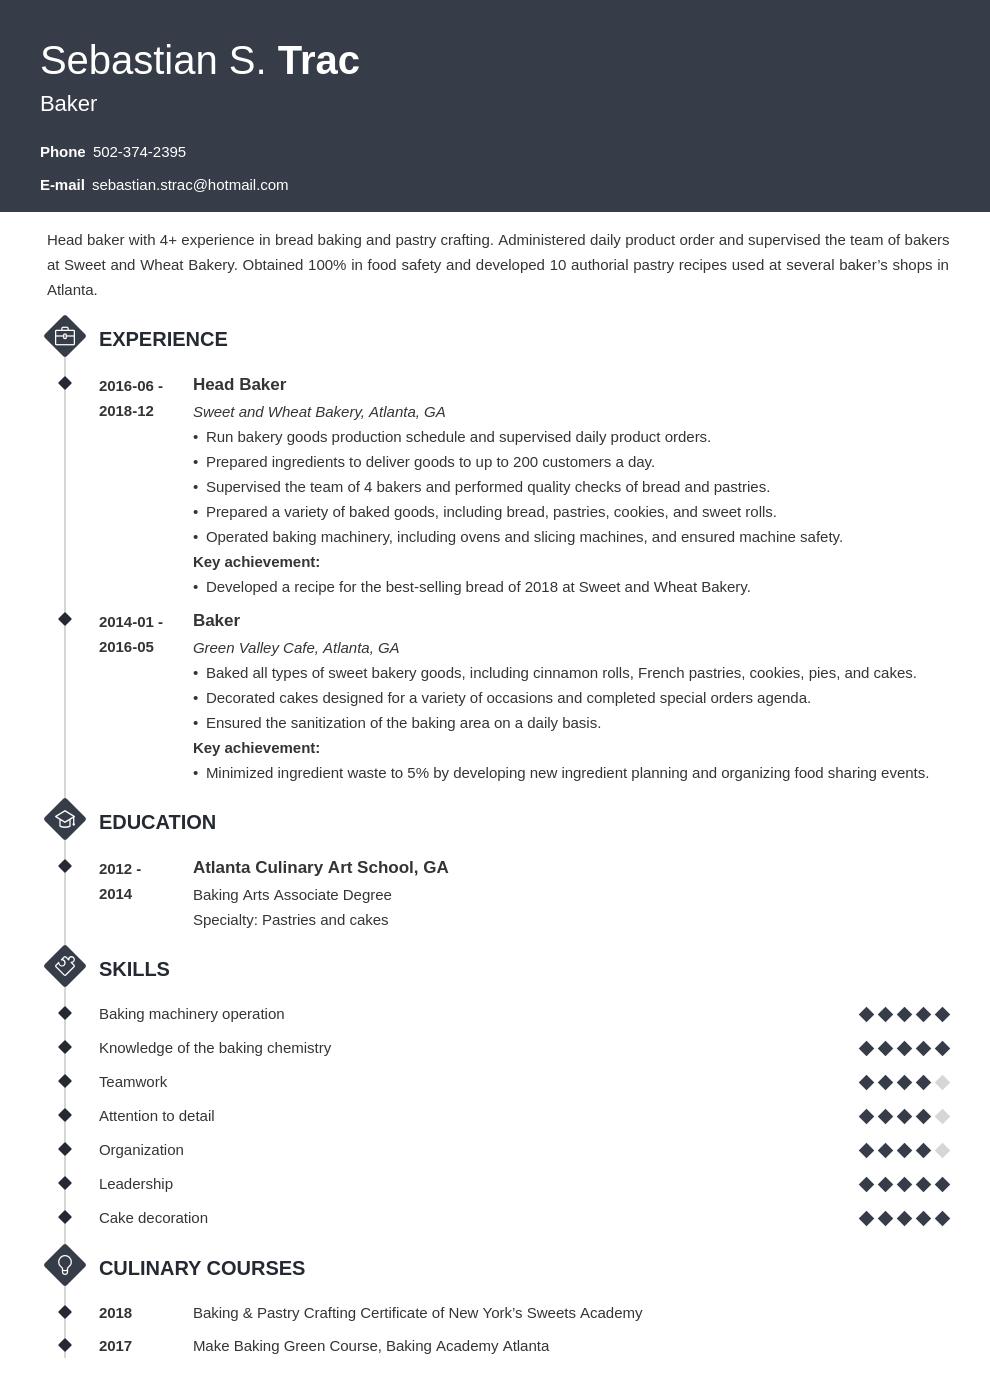 Baker Resume Example Template Diamond Resume Examples Job Resume Examples Guided Writing